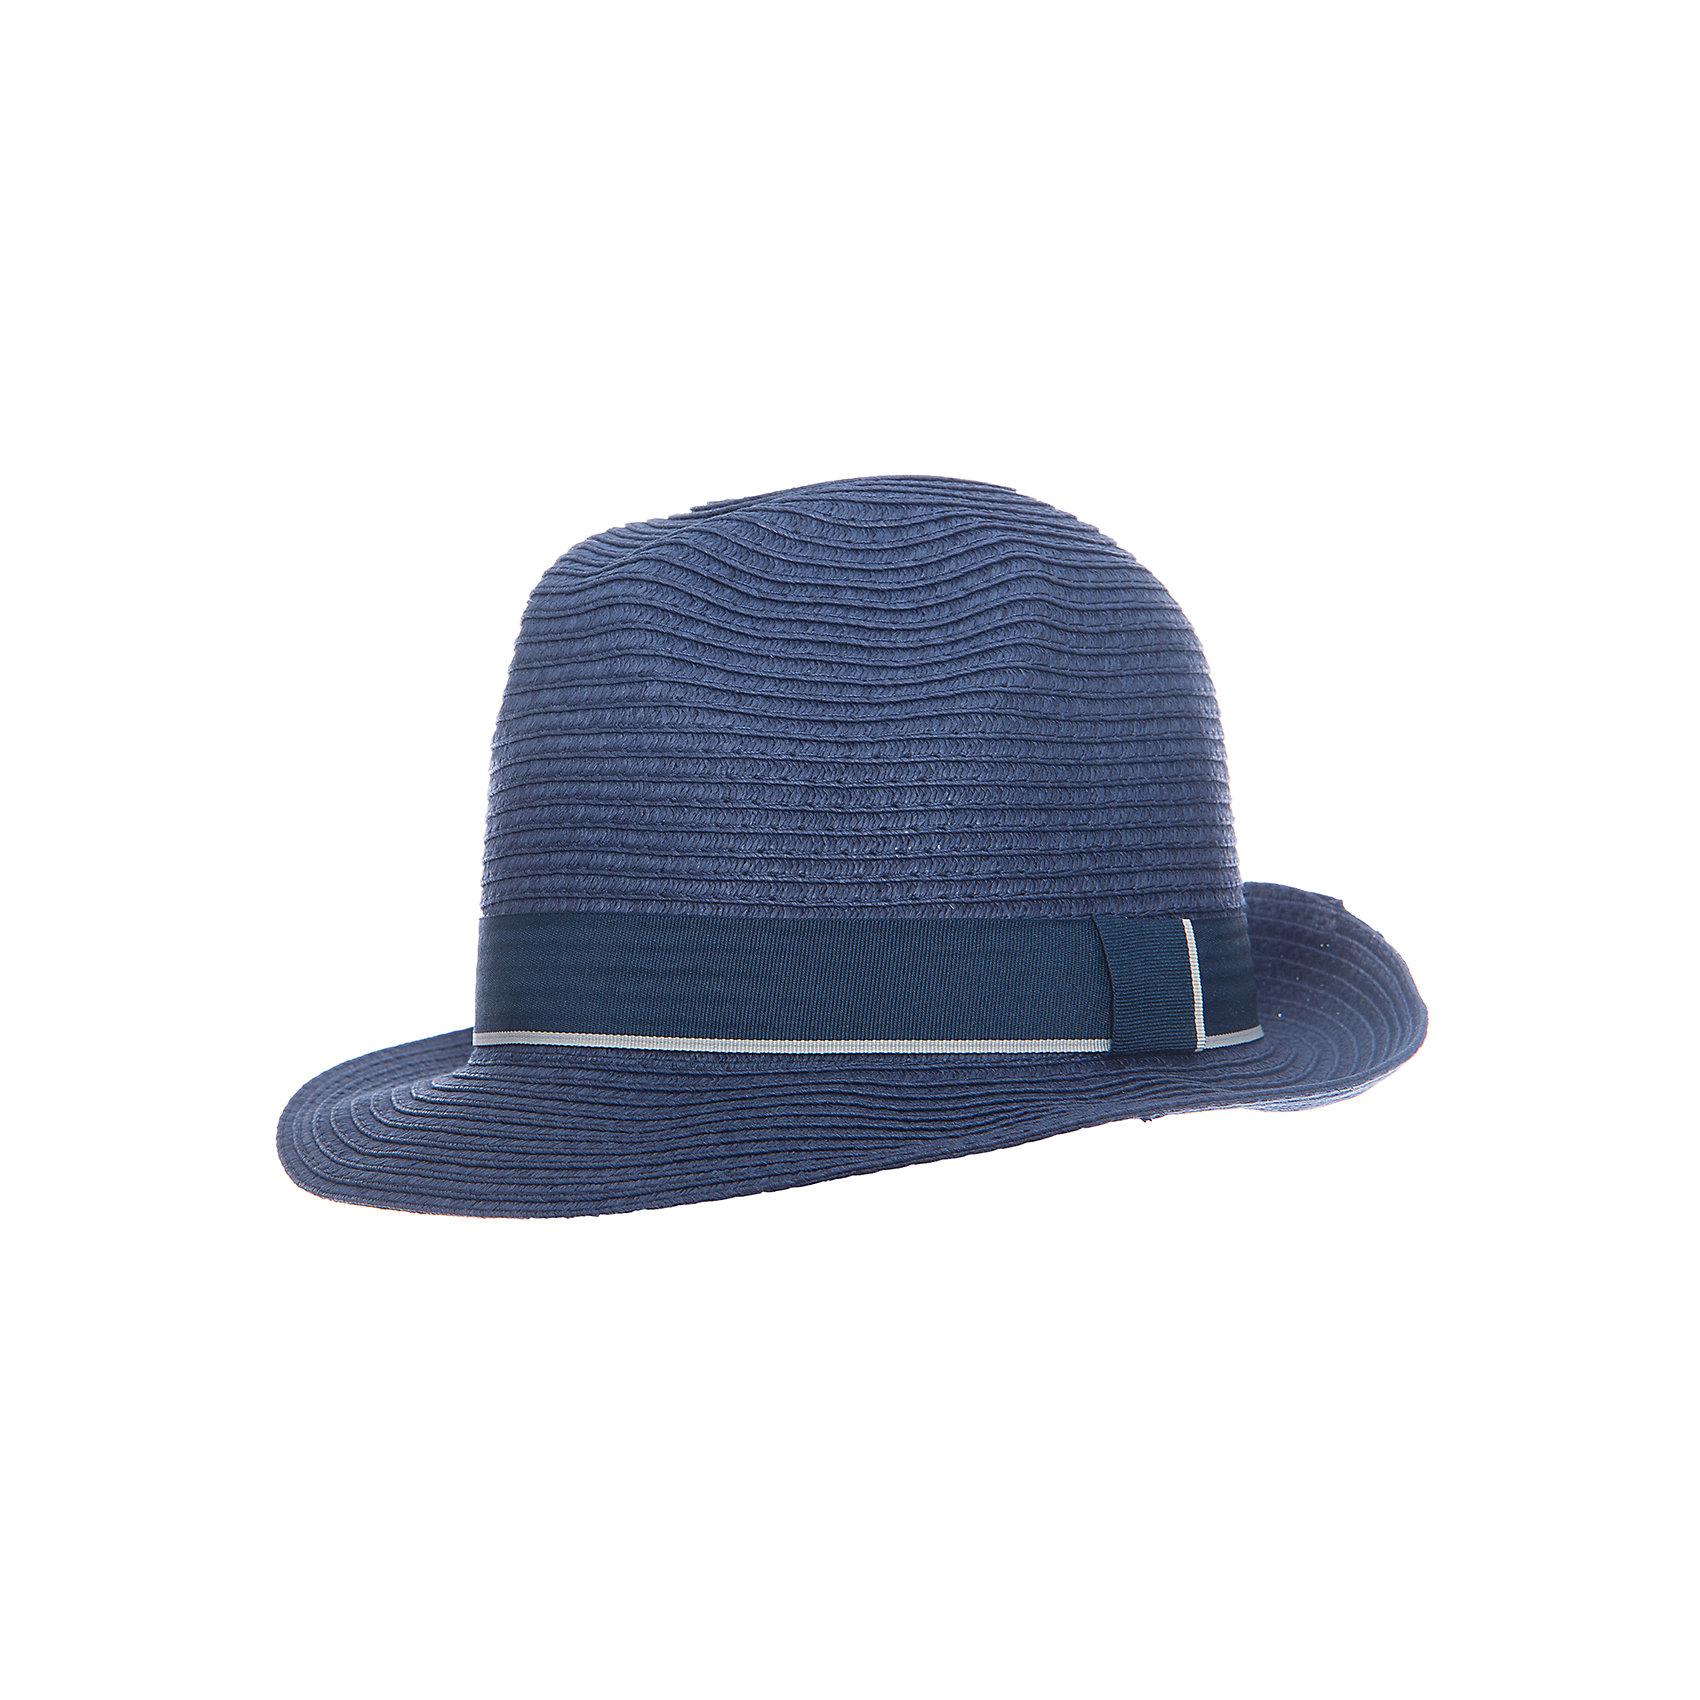 Панама для мальчика ScoolГоловные уборы<br>Эффектная шляпа из бумажной соломки прекрасно подойдет для прогулок в жаркую погоду. Декорирована широкой лентой.<br>Состав:<br>100% бумажная соломка<br><br>Ширина мм: 89<br>Глубина мм: 117<br>Высота мм: 44<br>Вес г: 155<br>Цвет: синий<br>Возраст от месяцев: 96<br>Возраст до месяцев: 120<br>Пол: Мужской<br>Возраст: Детский<br>Размер: 56,54<br>SKU: 5604391